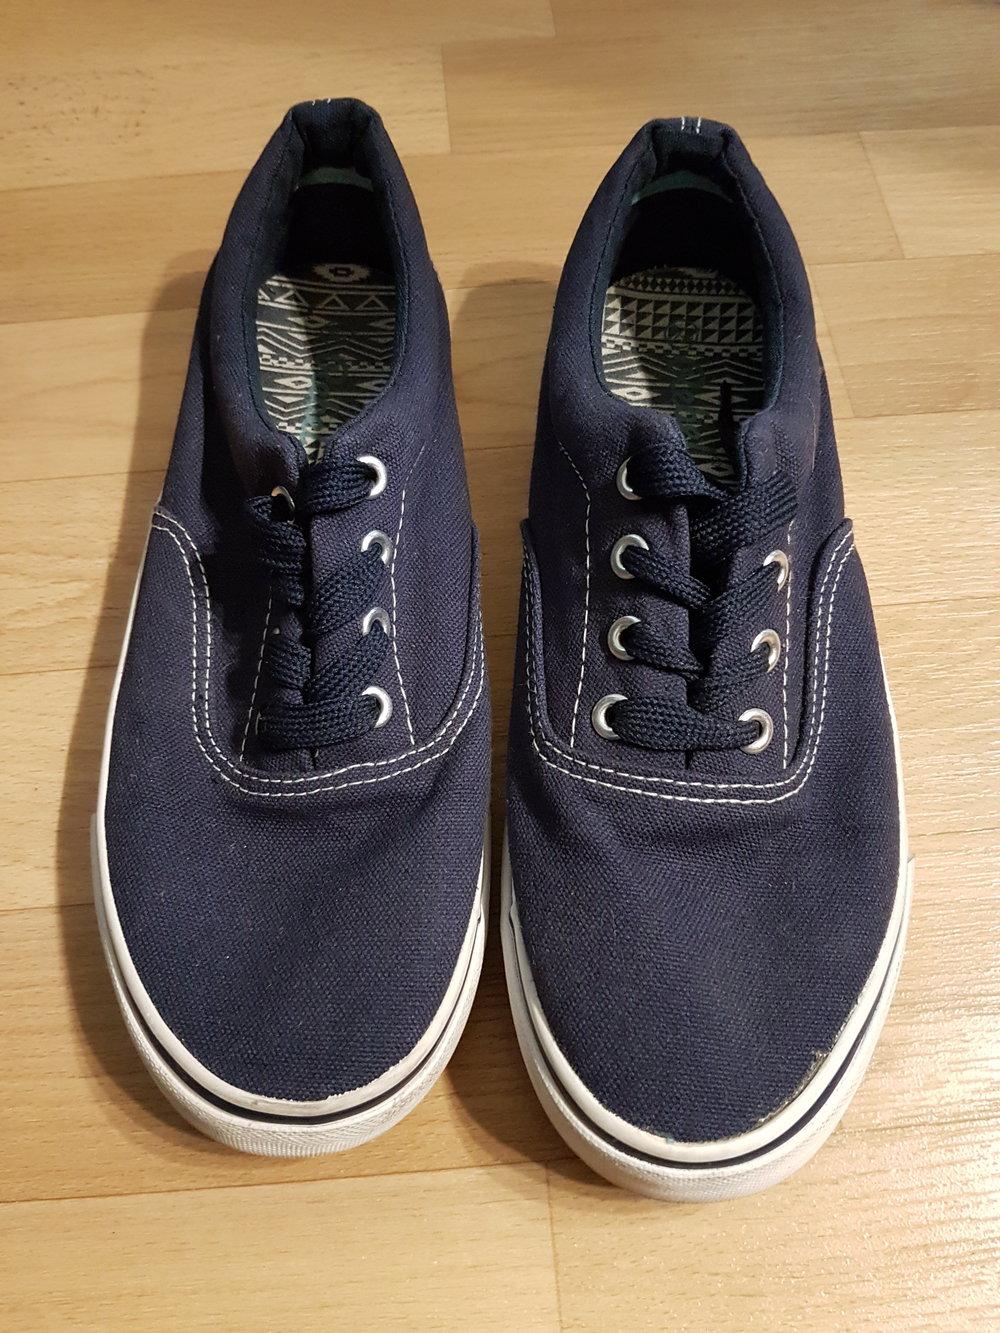 Sneaker Stoffschuhe für Damen Größe 39 Rebel Primark    Kleiderkorb.de 9defb1eafc